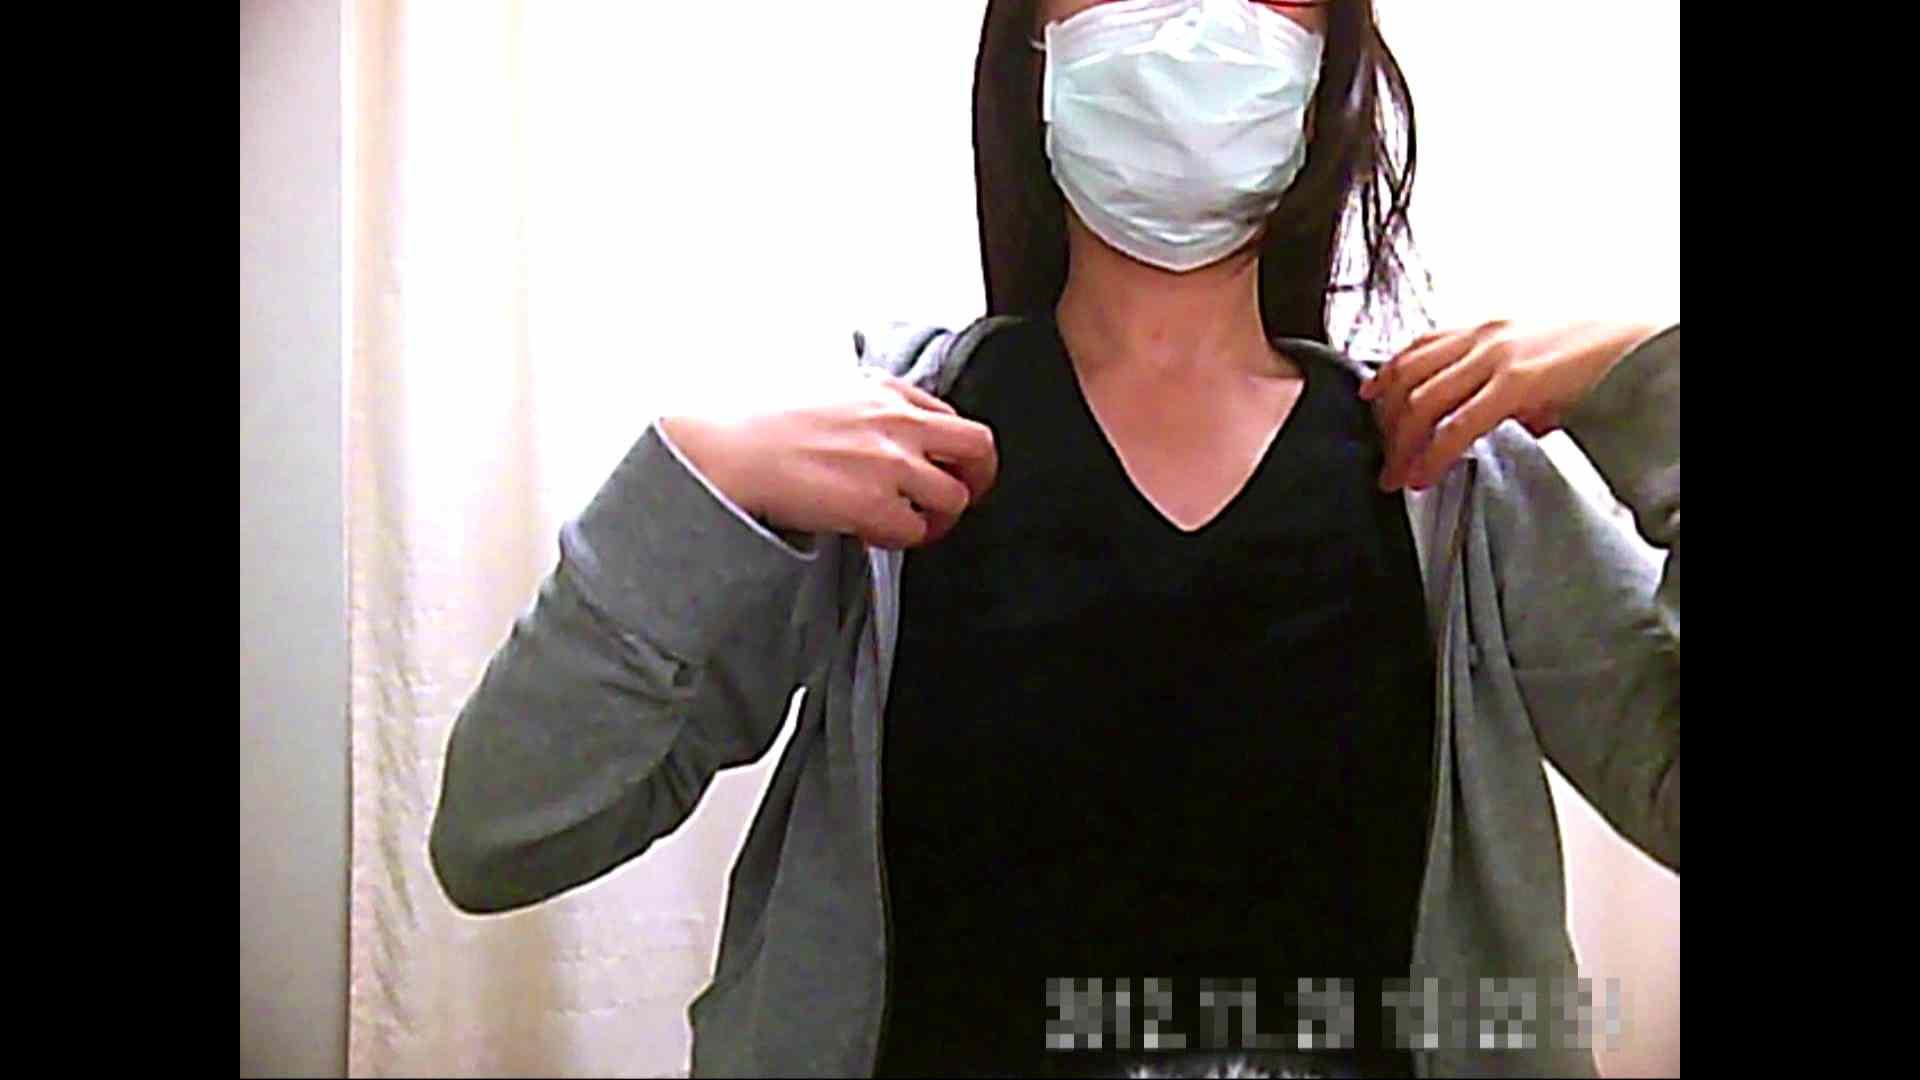 病院おもいっきり着替え! vol.155 着替え 盗撮動画紹介 88pic 81